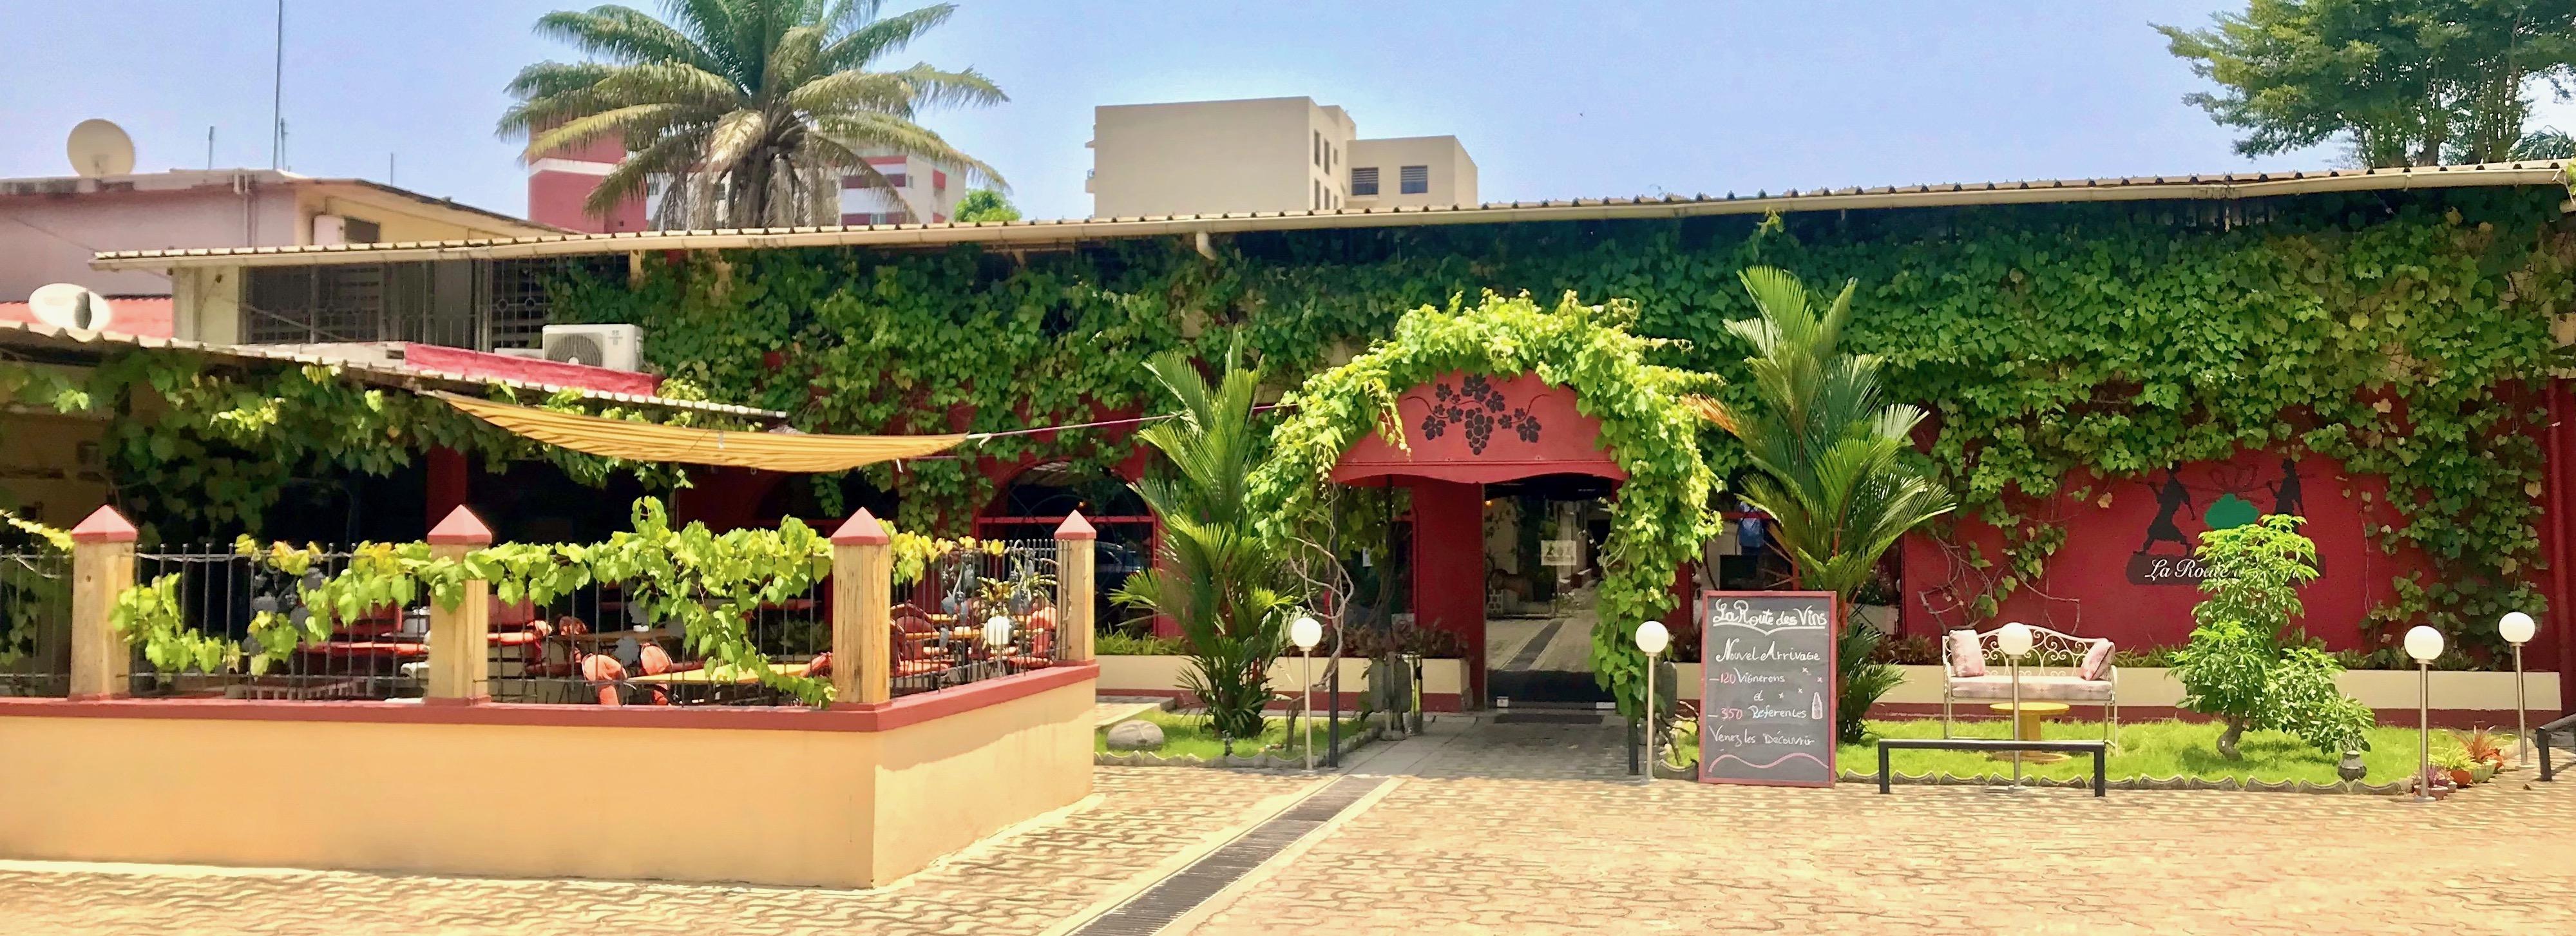 Vente Bar à vins/magasin de vins à Abidjan Plein centre Zone 4 - Abidjan - Côte d'Ivoire